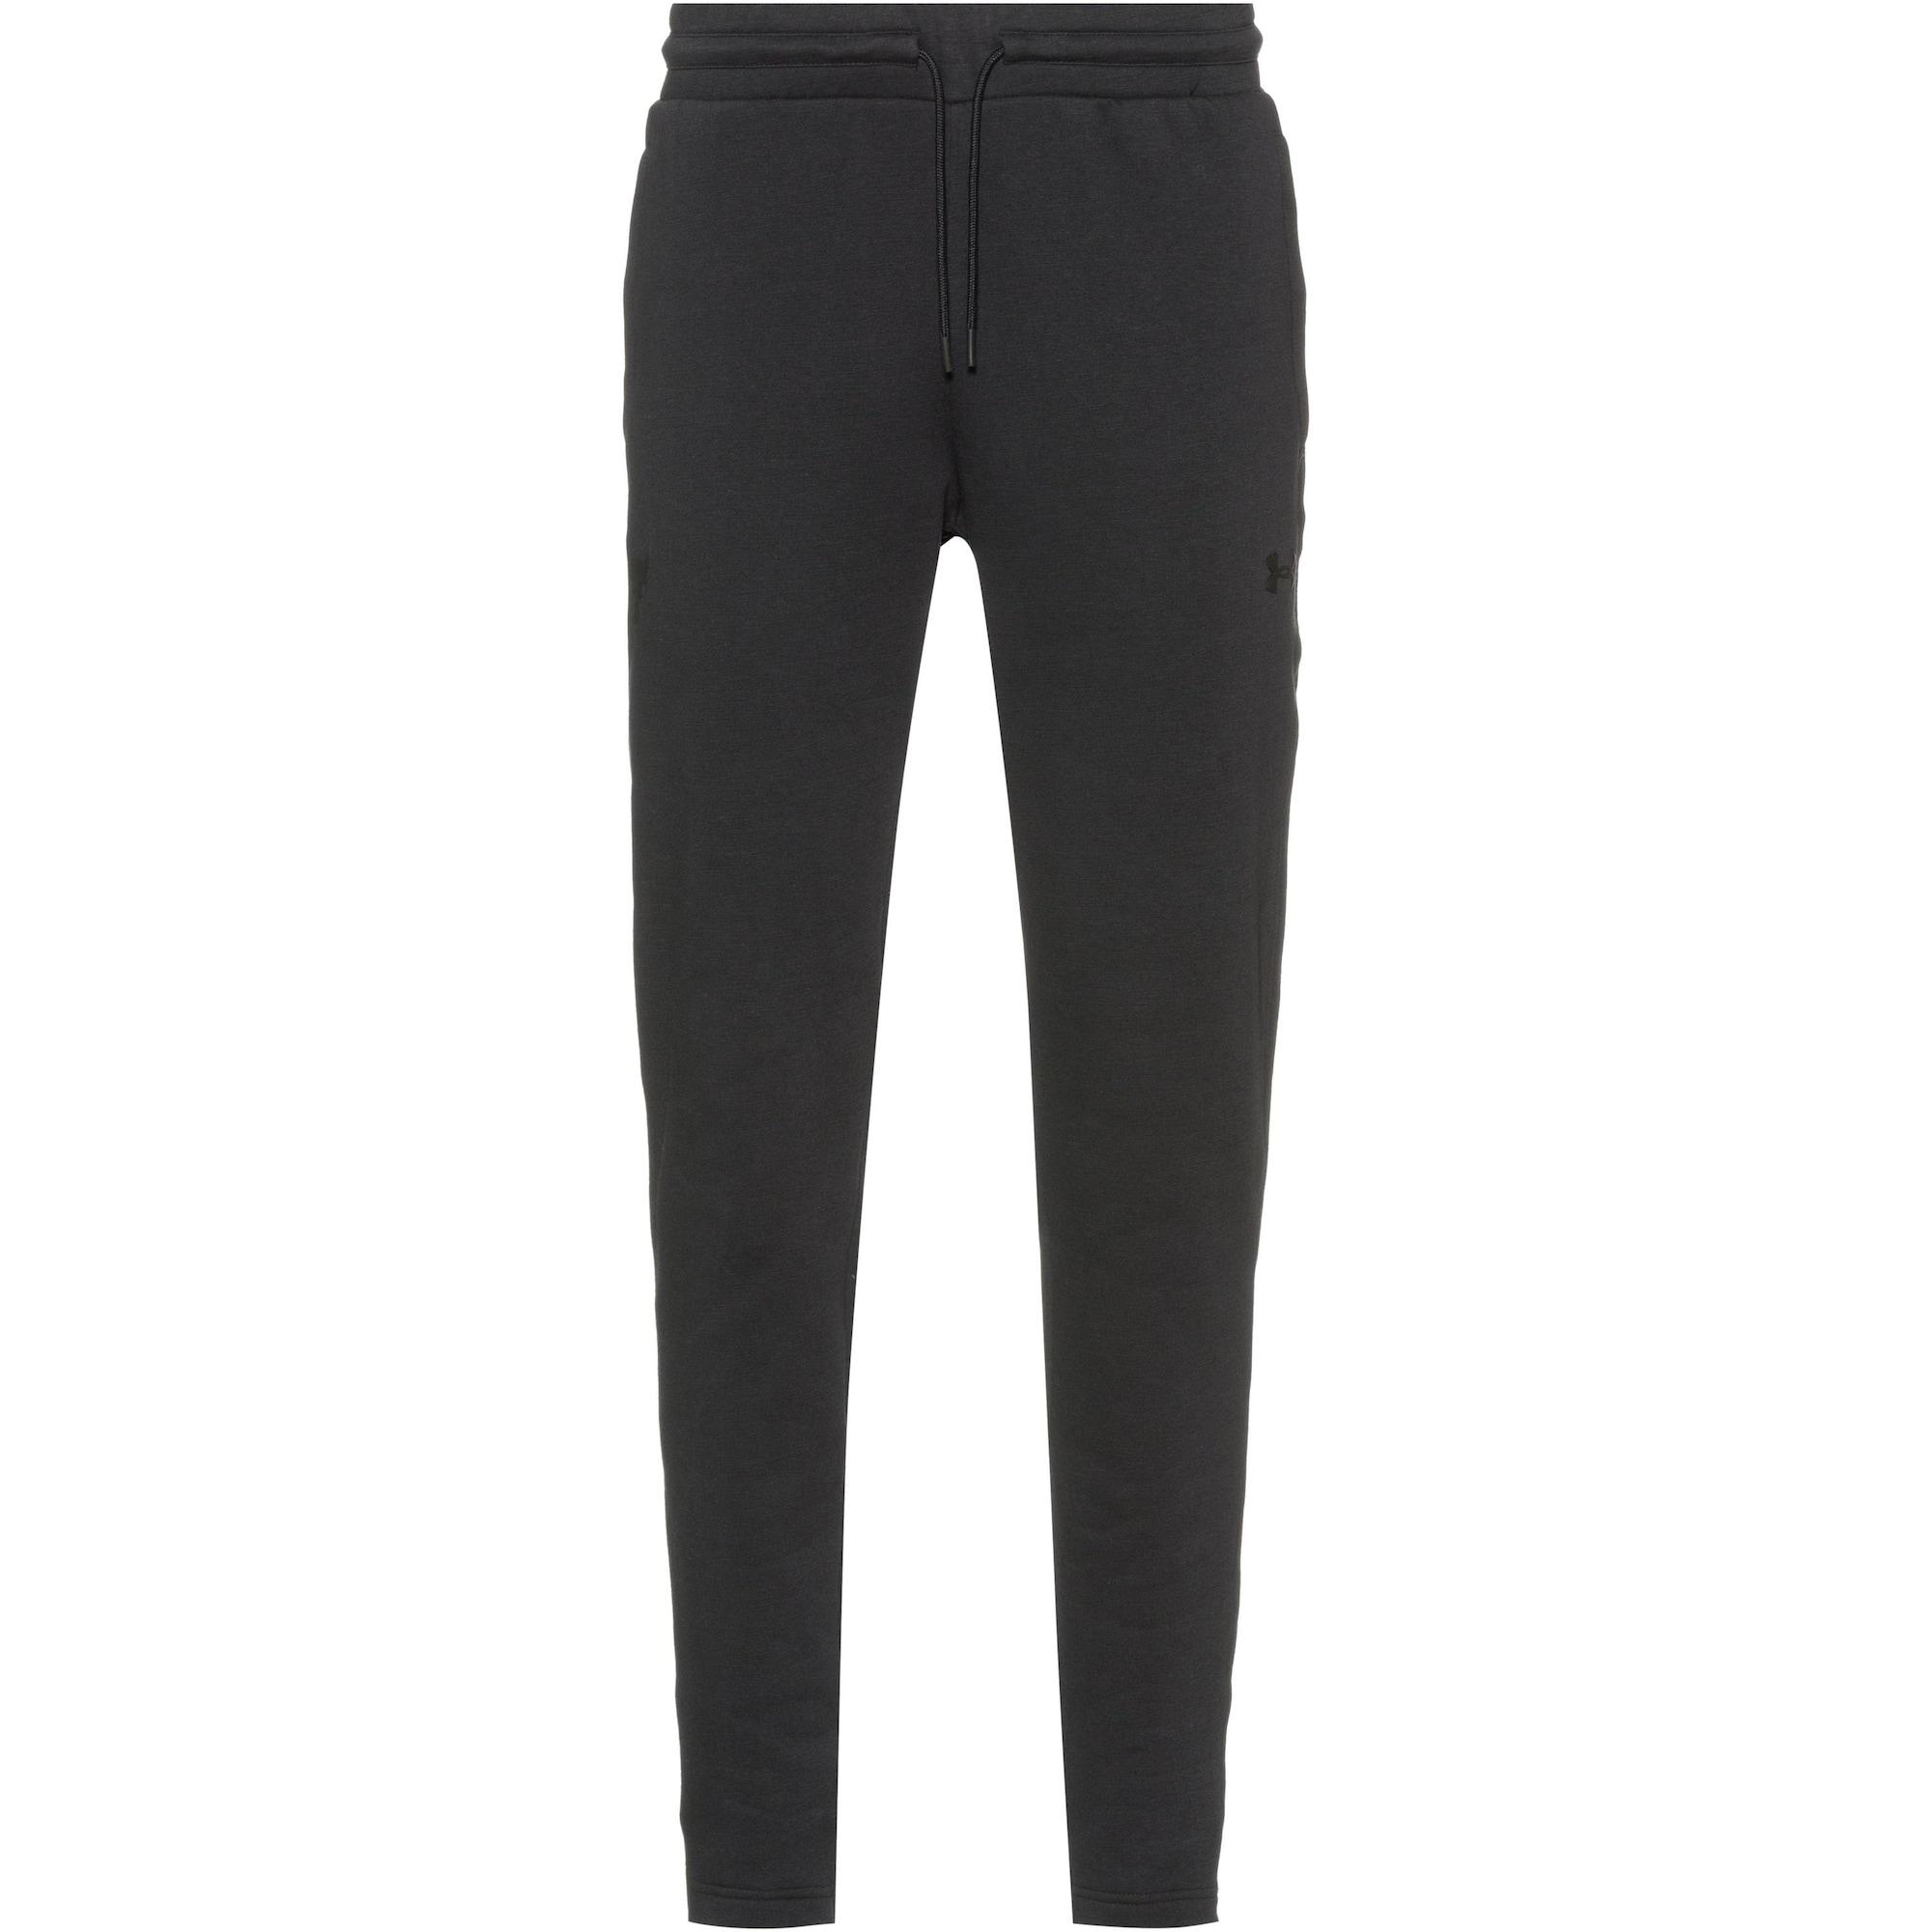 UNDER ARMOUR Športové nohavice  čierna pánské M